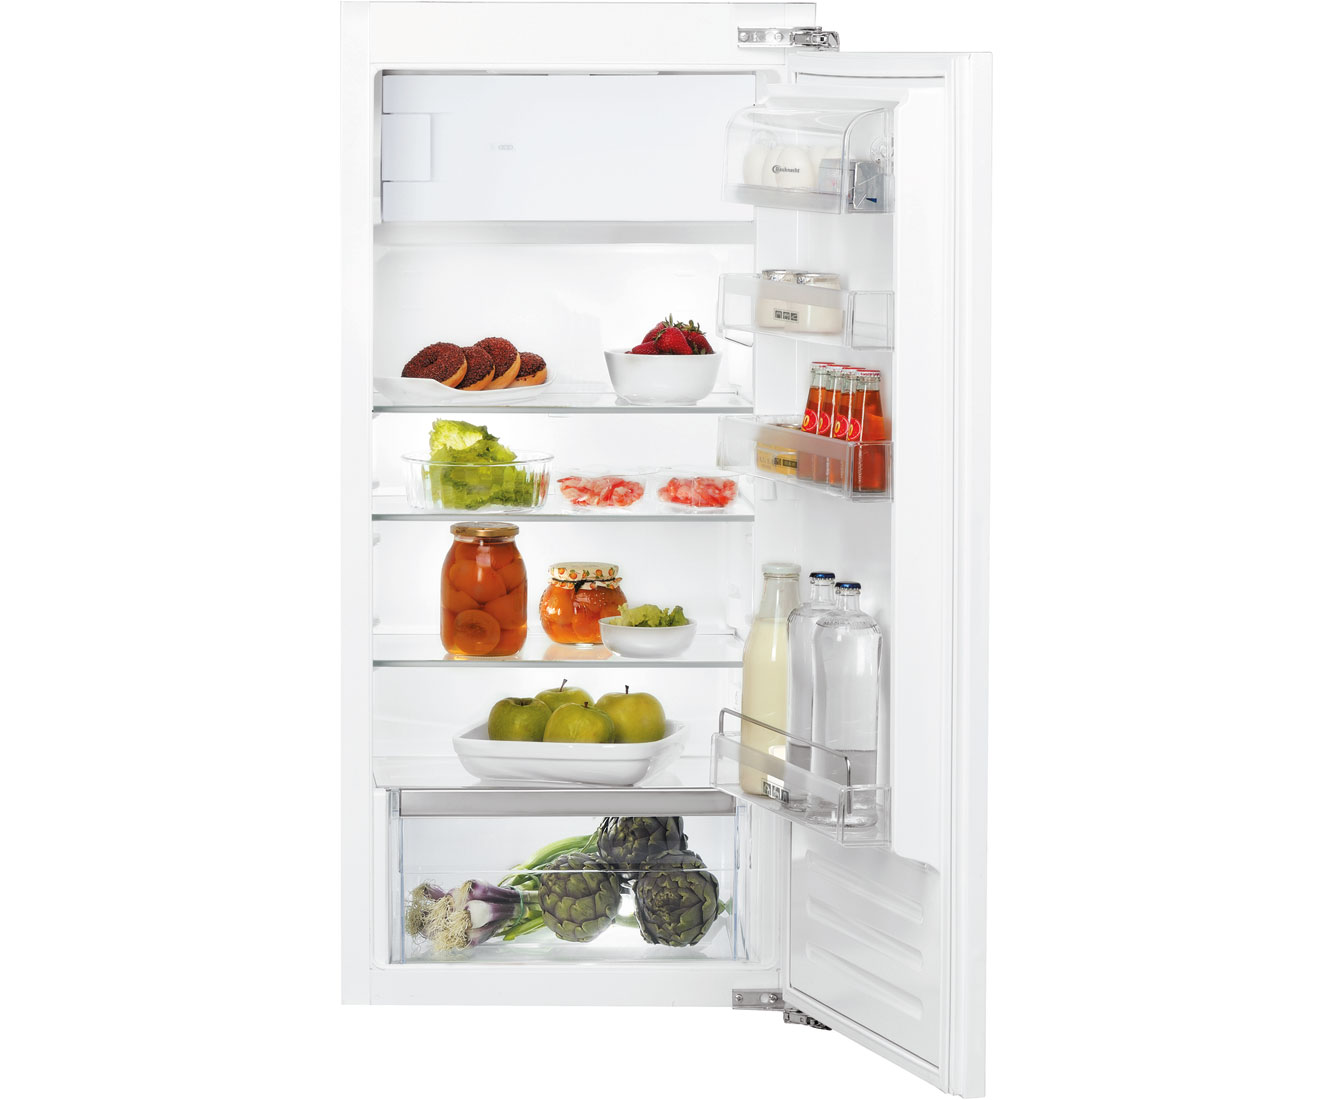 Mini Kühlschrank Zum Einbauen : Bauknecht kvie 2128 a einbau kühlschrank mit gefrierfach 122er